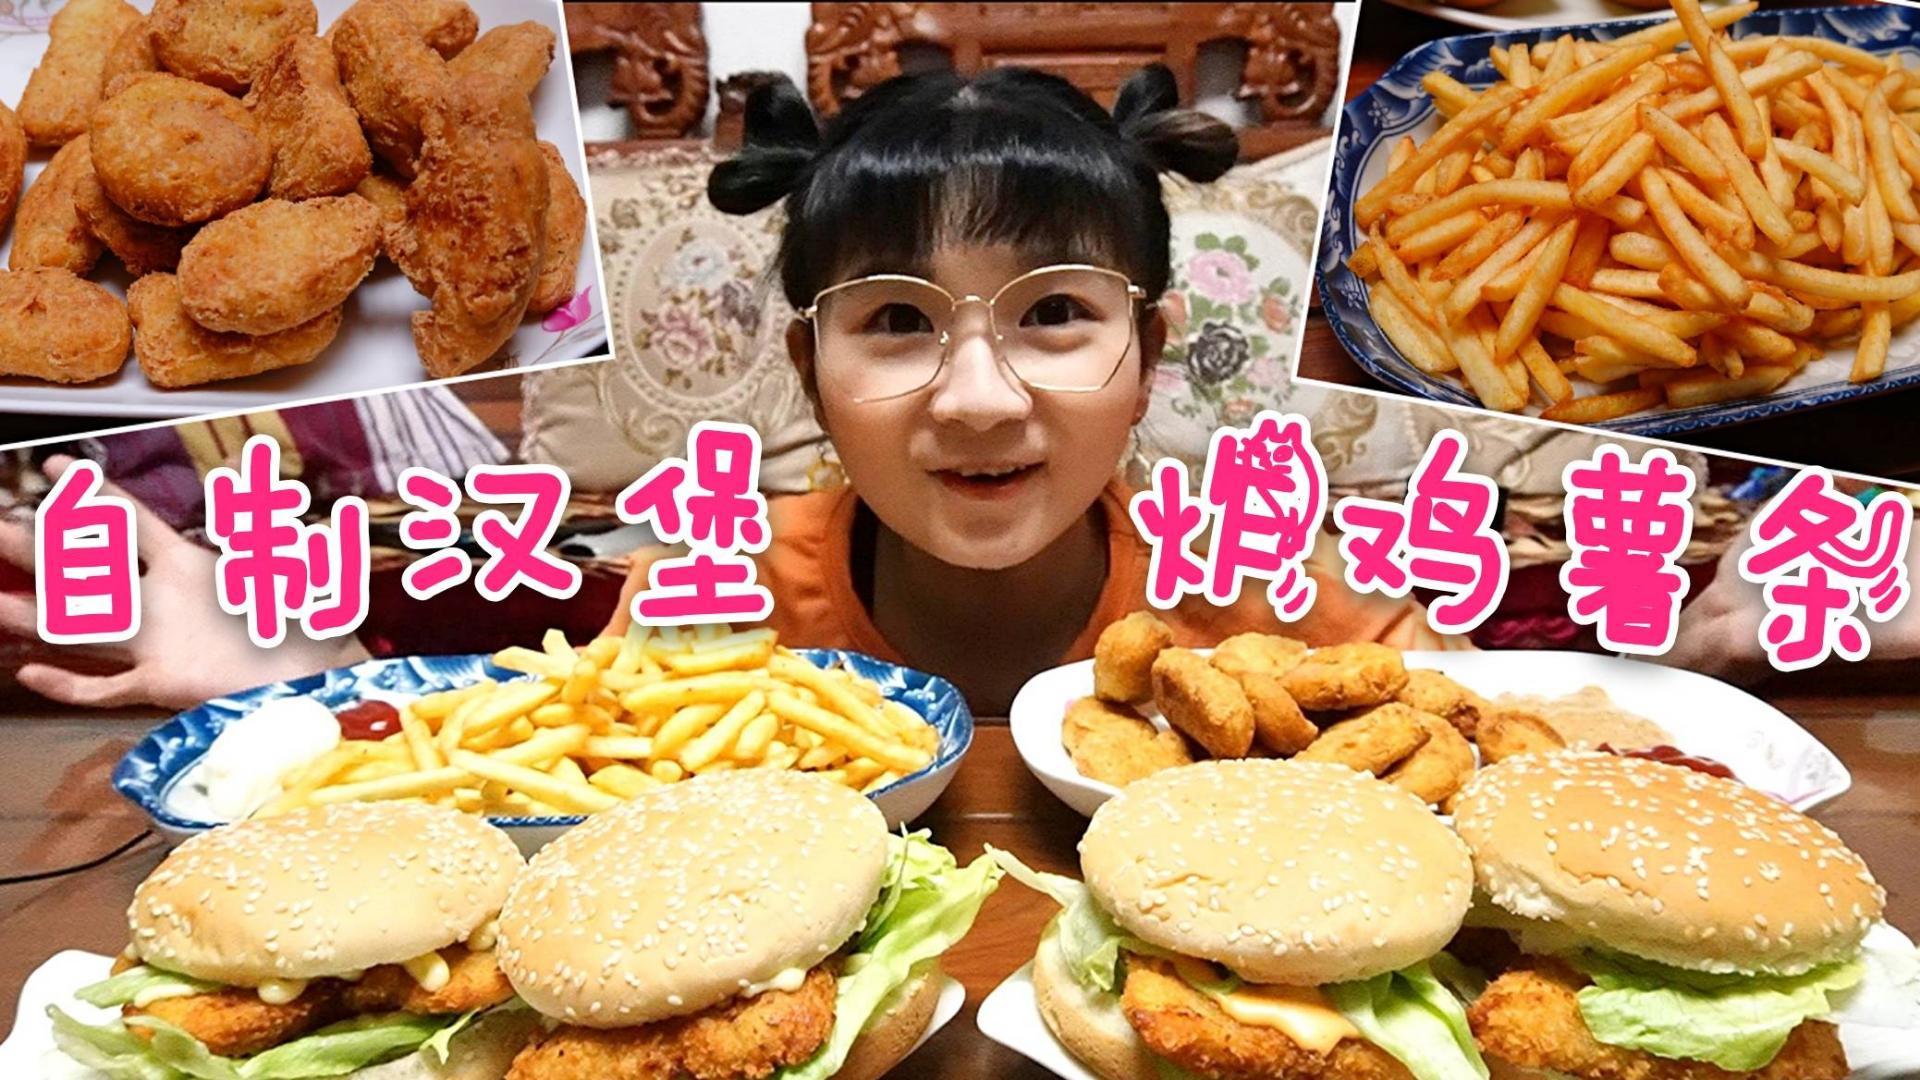 【小猪猪的vlog】自制汉堡、炸薯条、炸鸡块,好想吃油炸食品啊